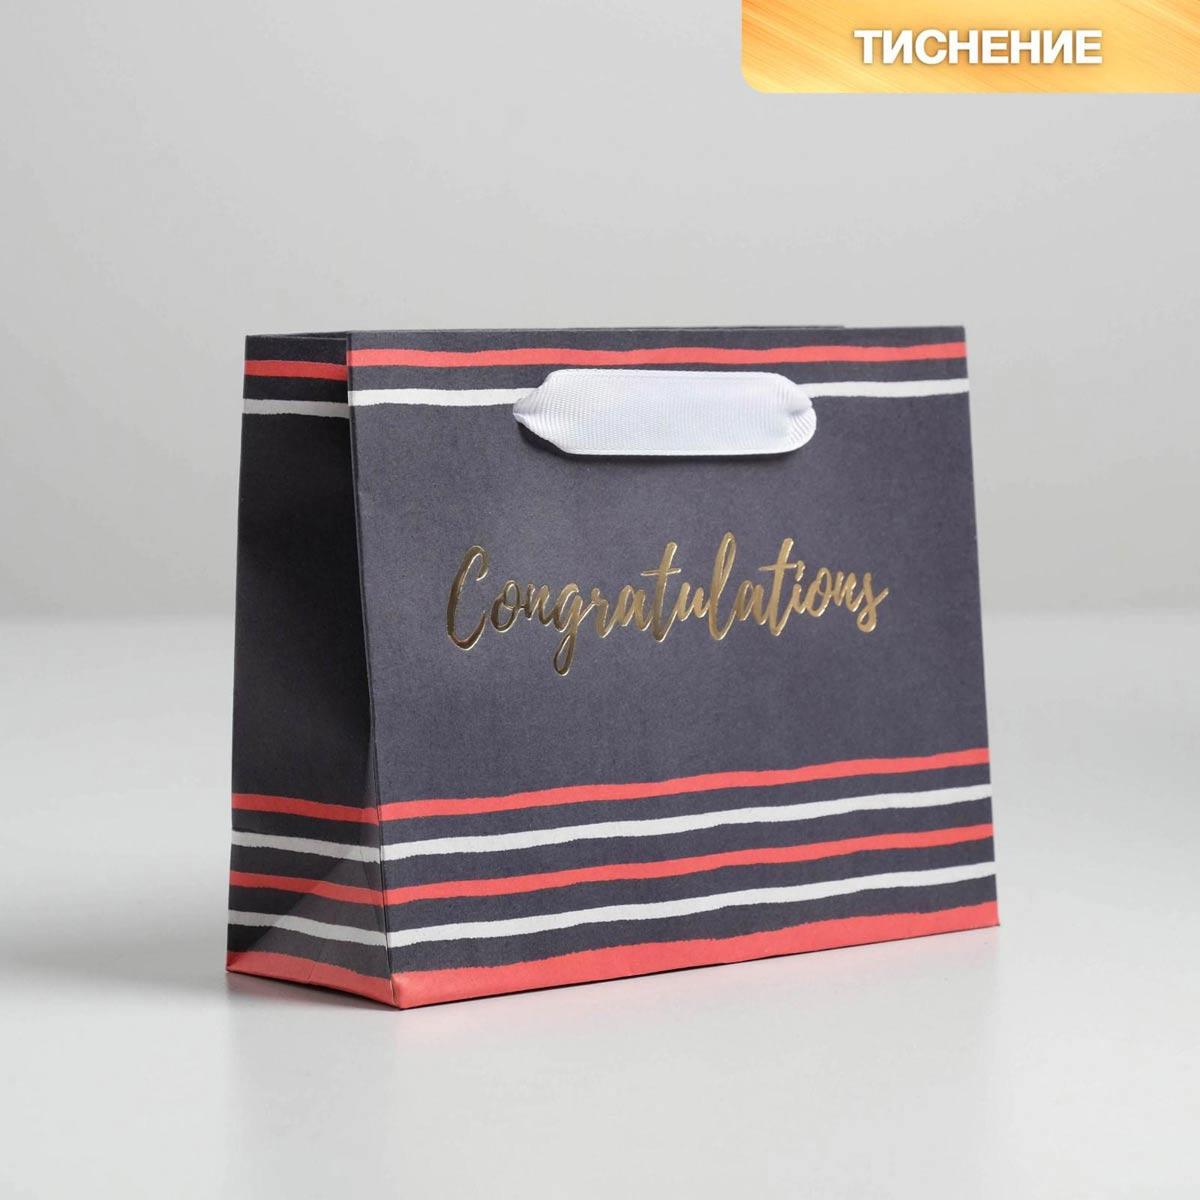 4795394 Пакет крафтовый горизонтальный Congratulations, S 15*12*5.5 см